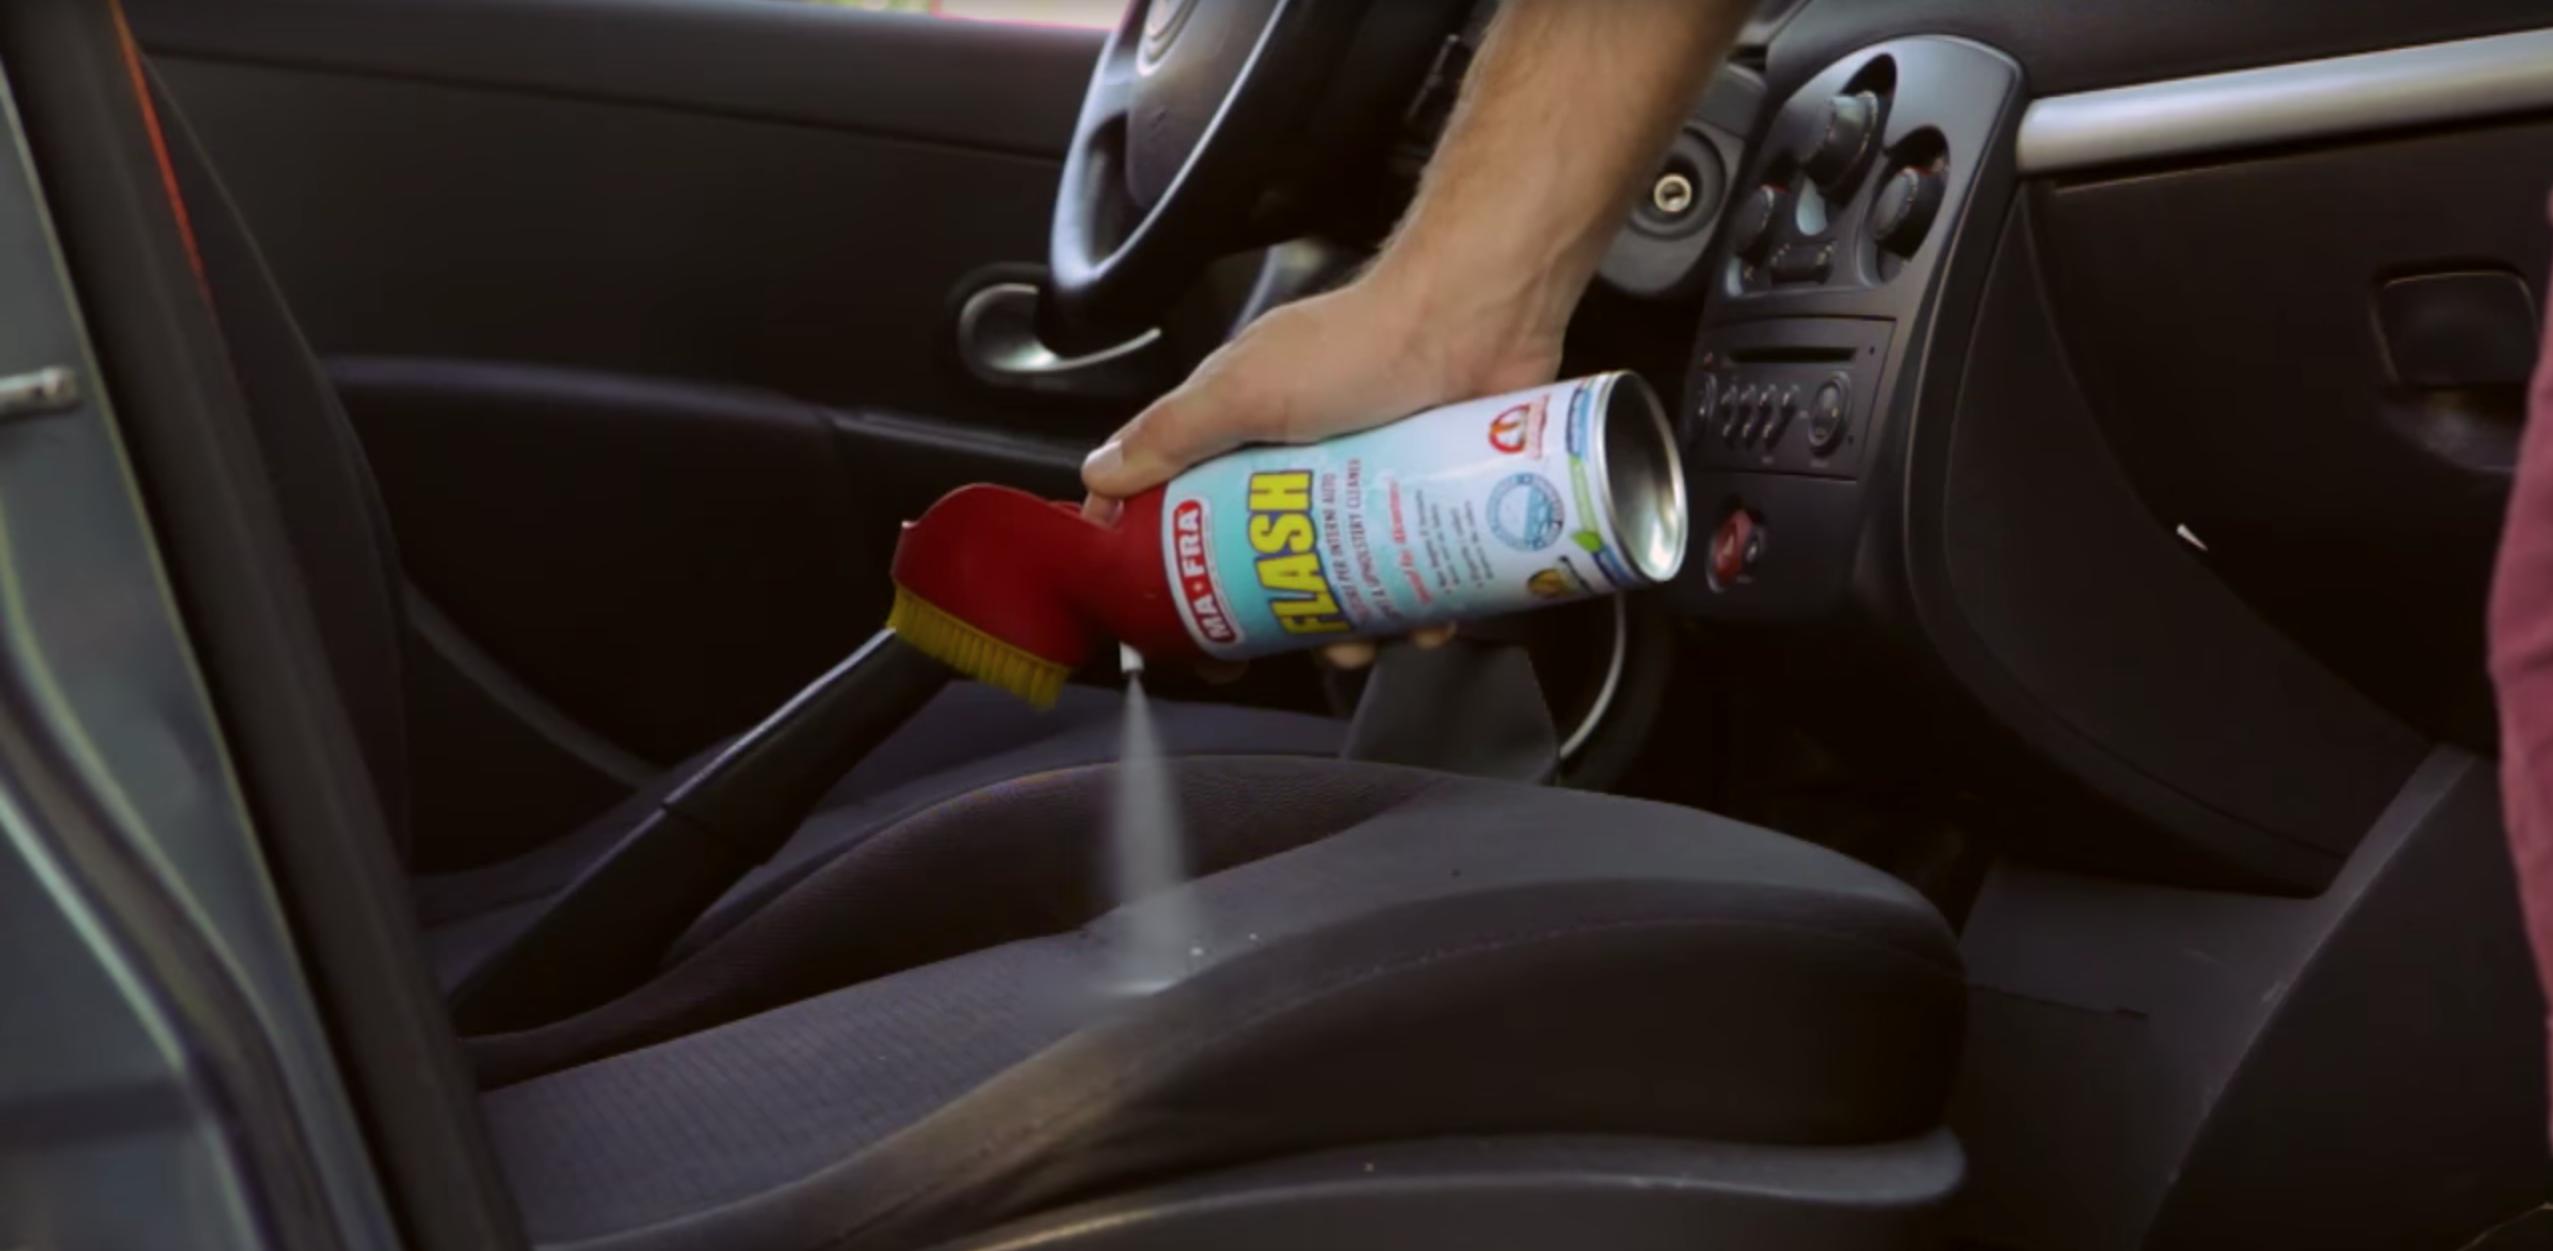 Flash di Mafra è un pulitore interni auto in tessuto, elimina le macchie dai sedili